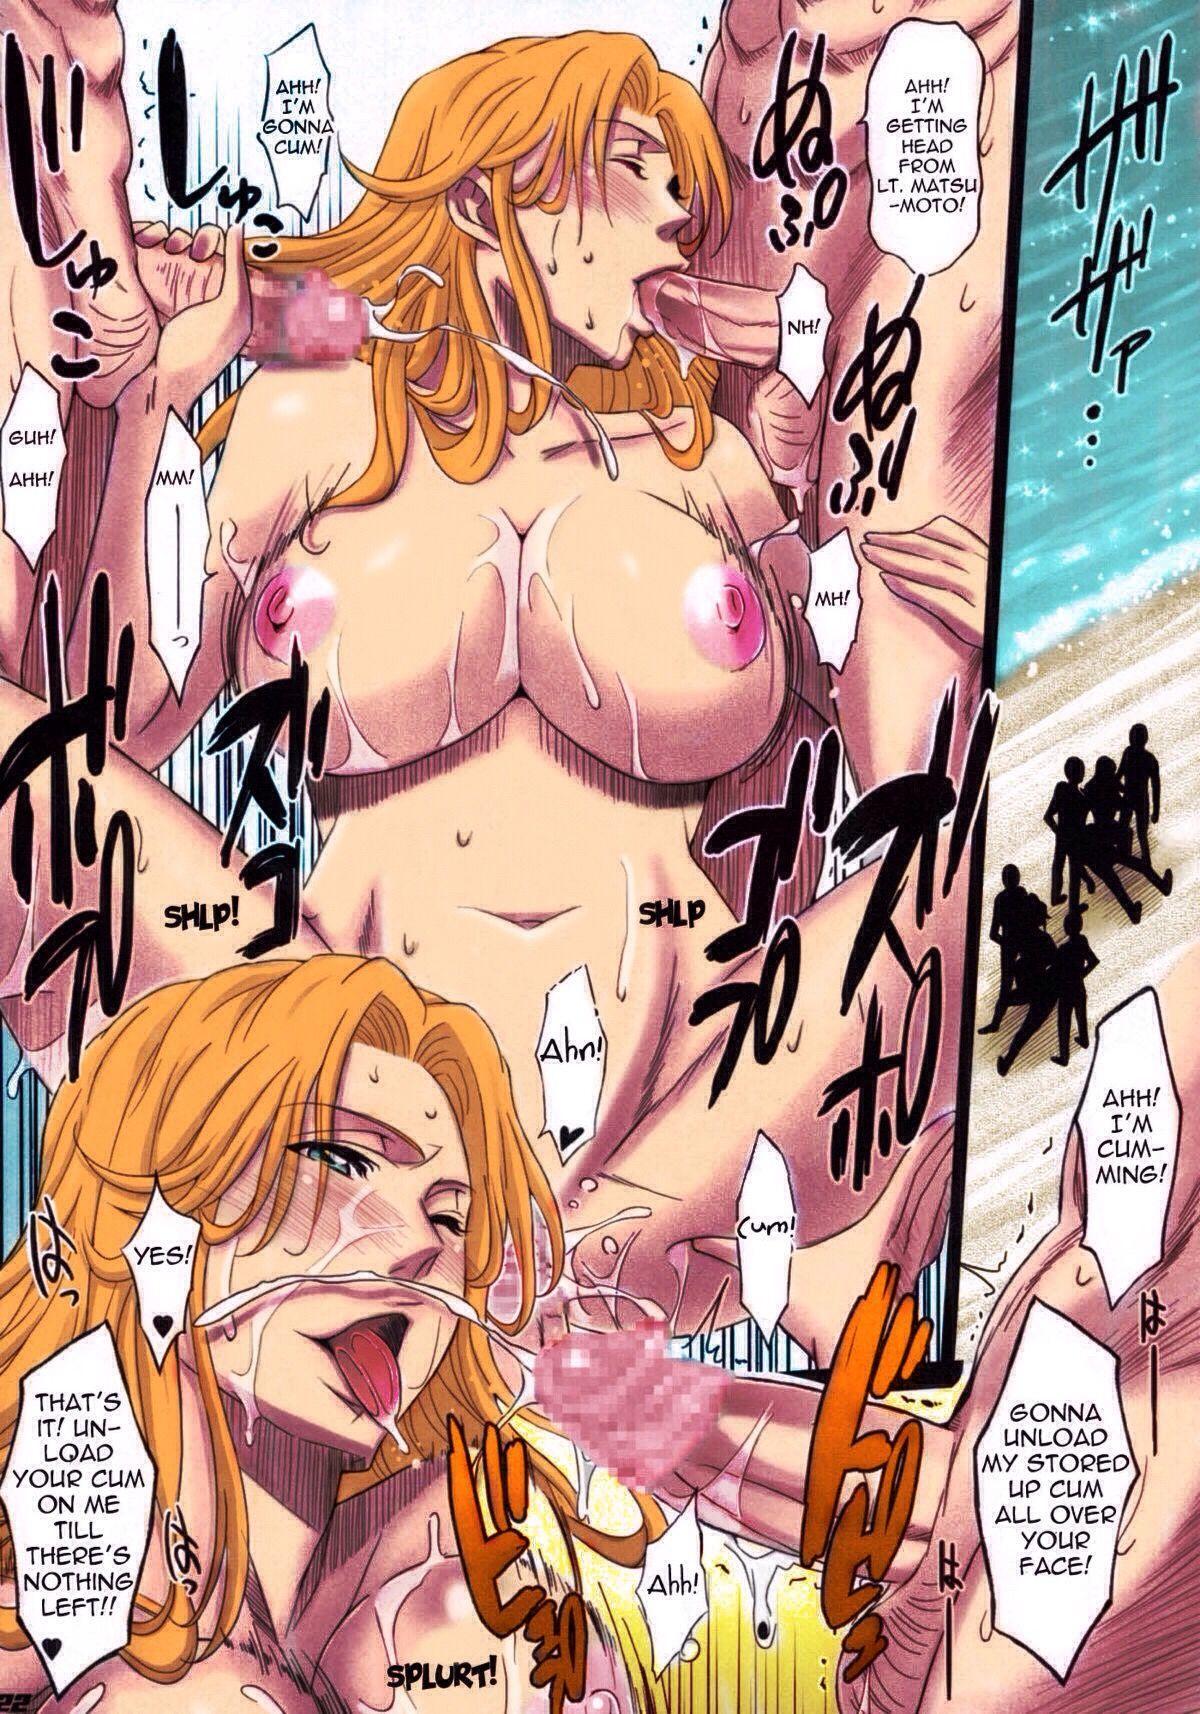 Vanessa hudgens tongue